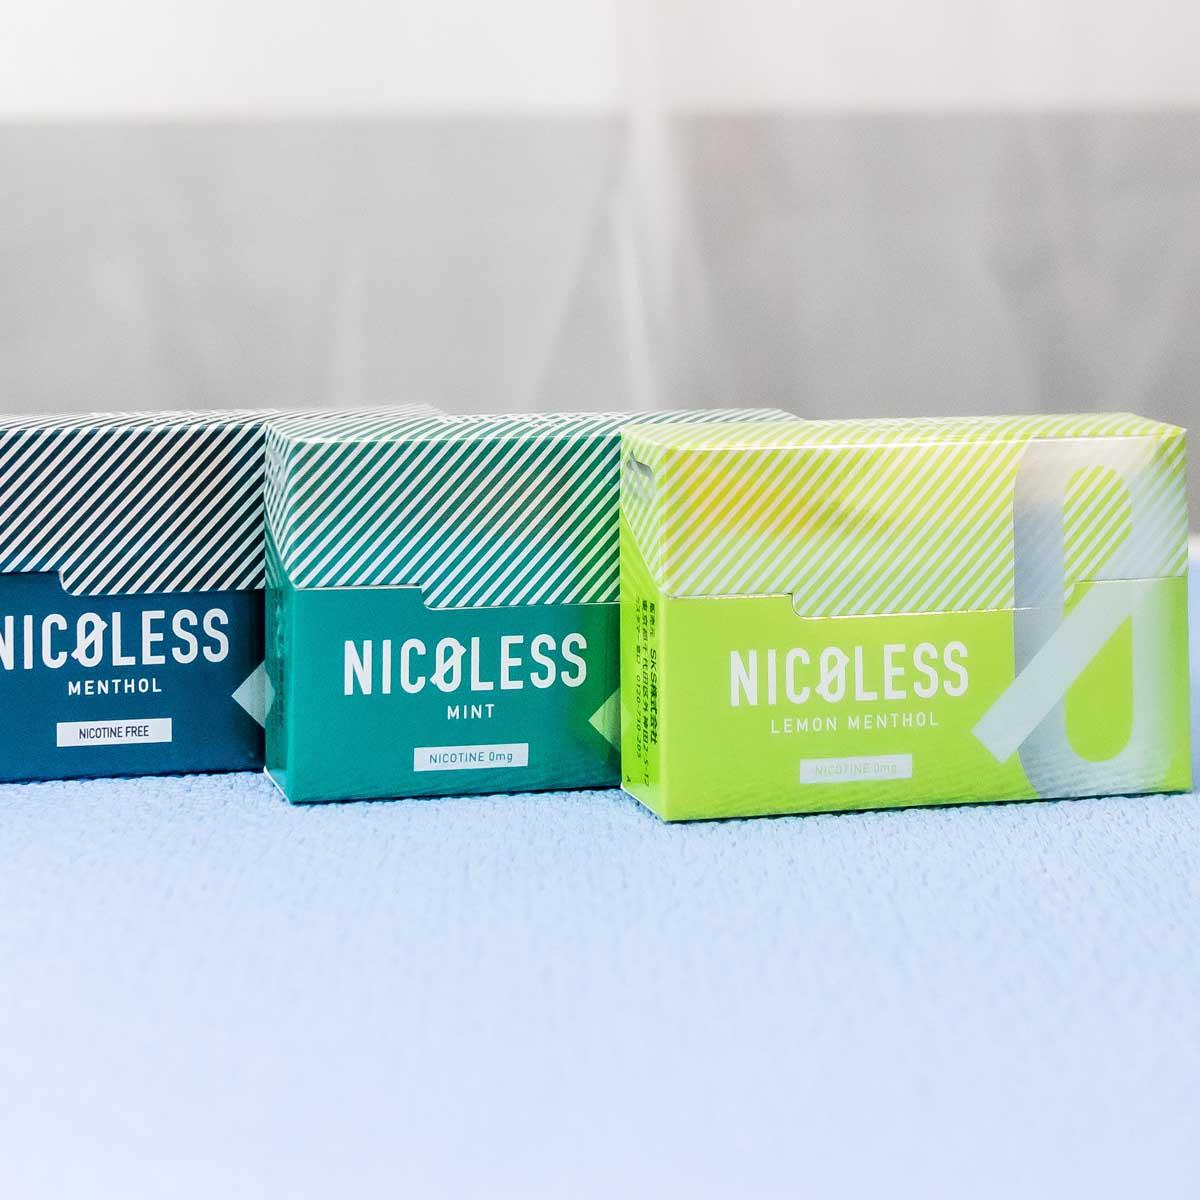 アイコスで使えるニコチンゼロの「NICOLESS(ニコレス)」で減煙・禁煙は可能か